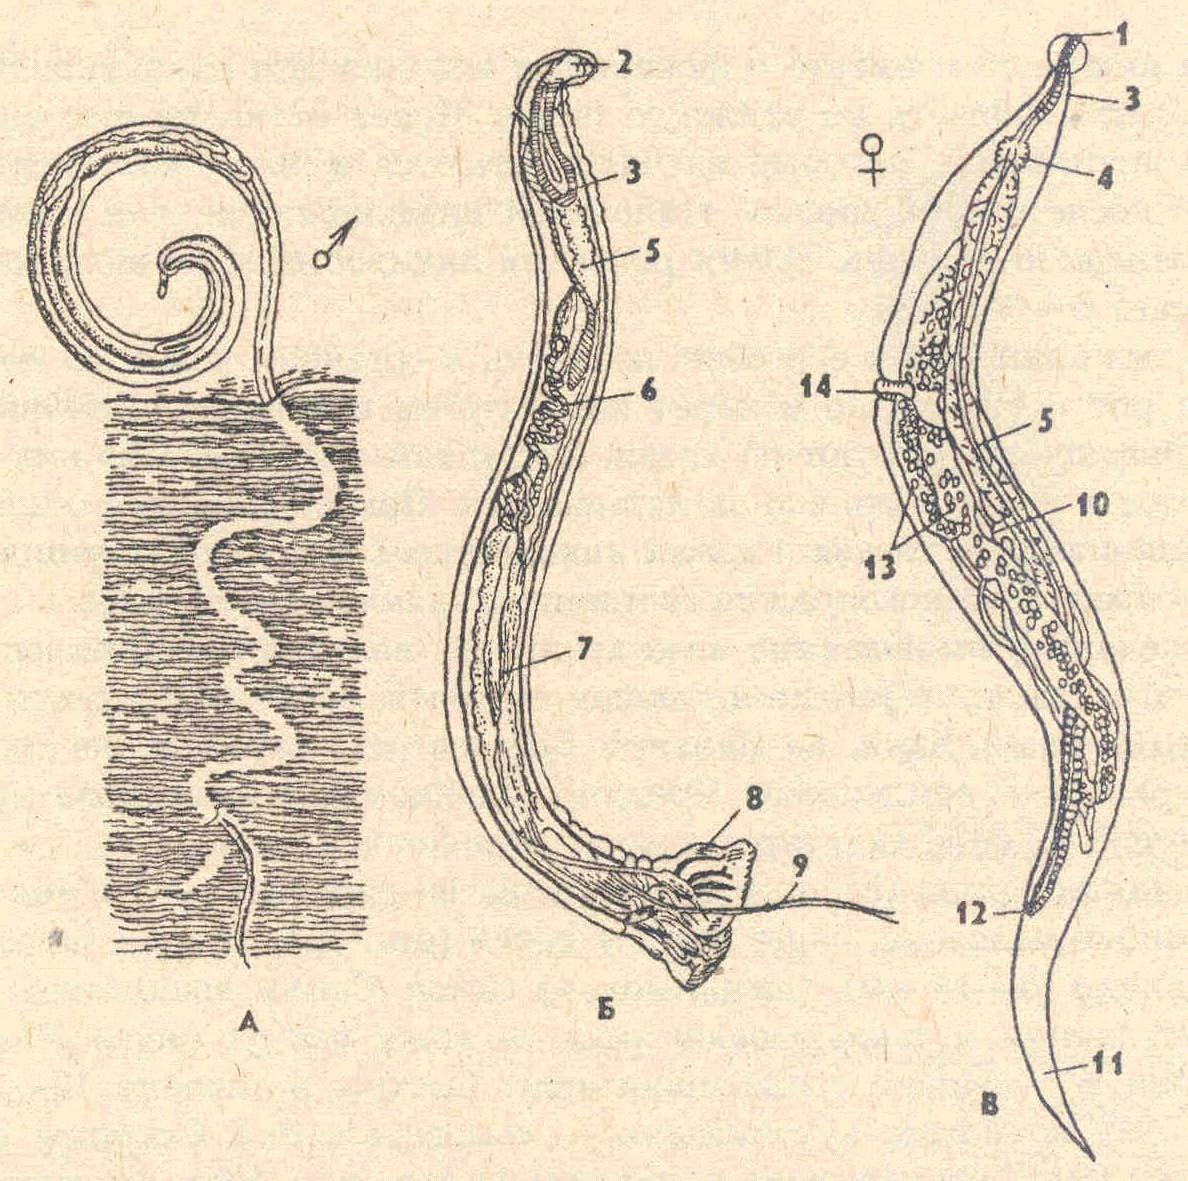 паразиты в брюшной полости человека